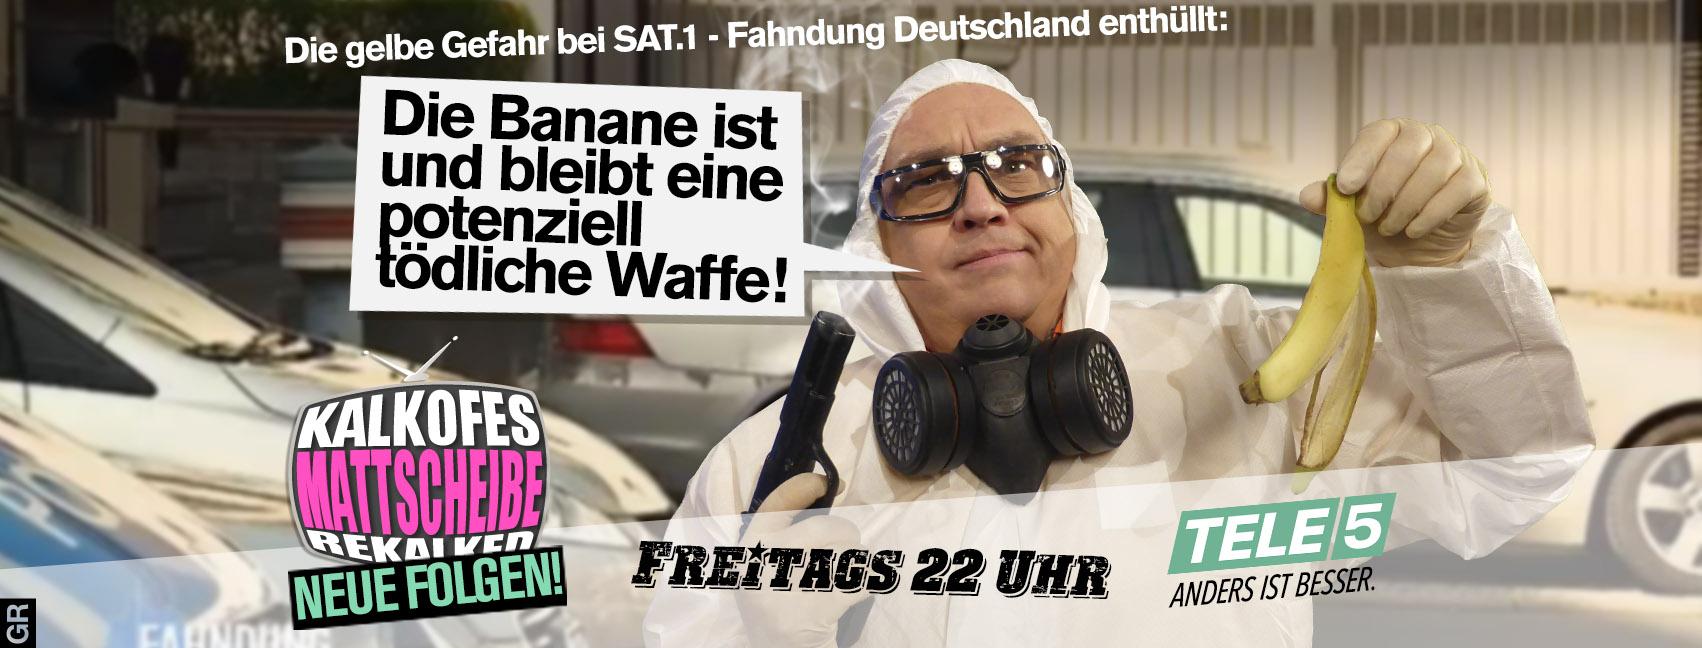 Kalkofes Mattscheibe Reloaded (79)